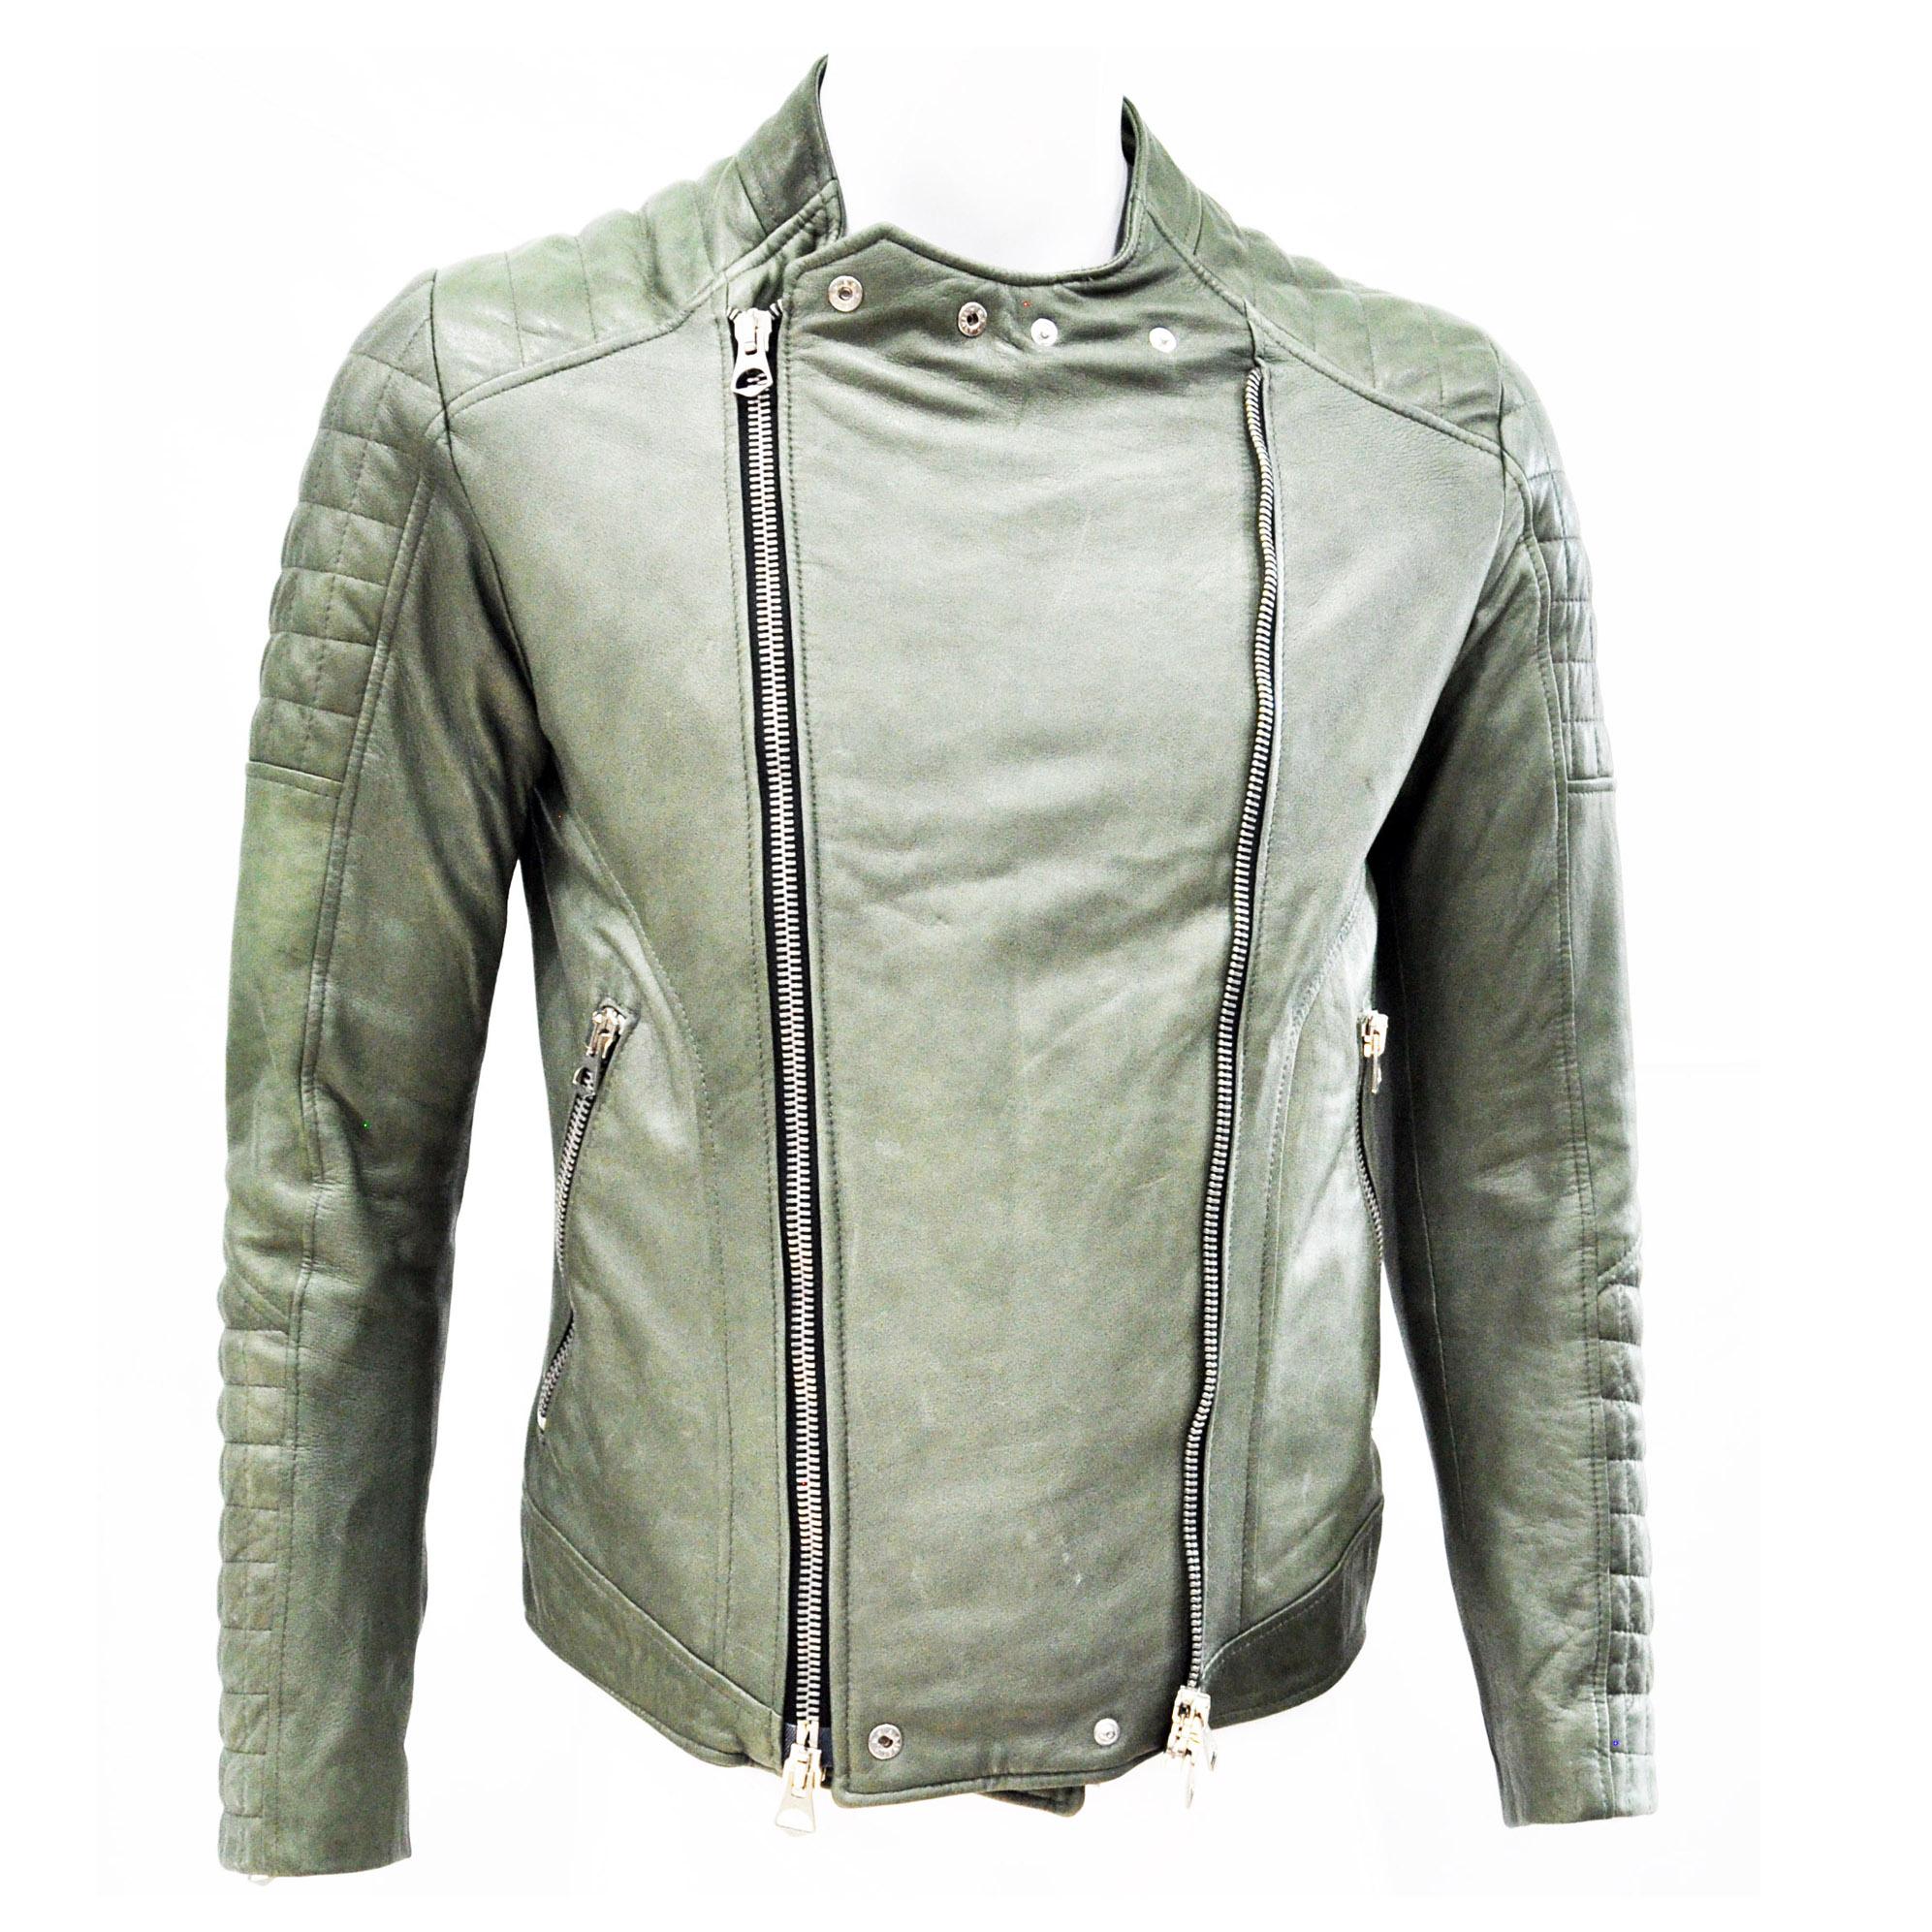 Come giacca da pelle Curge la scegliere di uomo qzpBxq7Cn